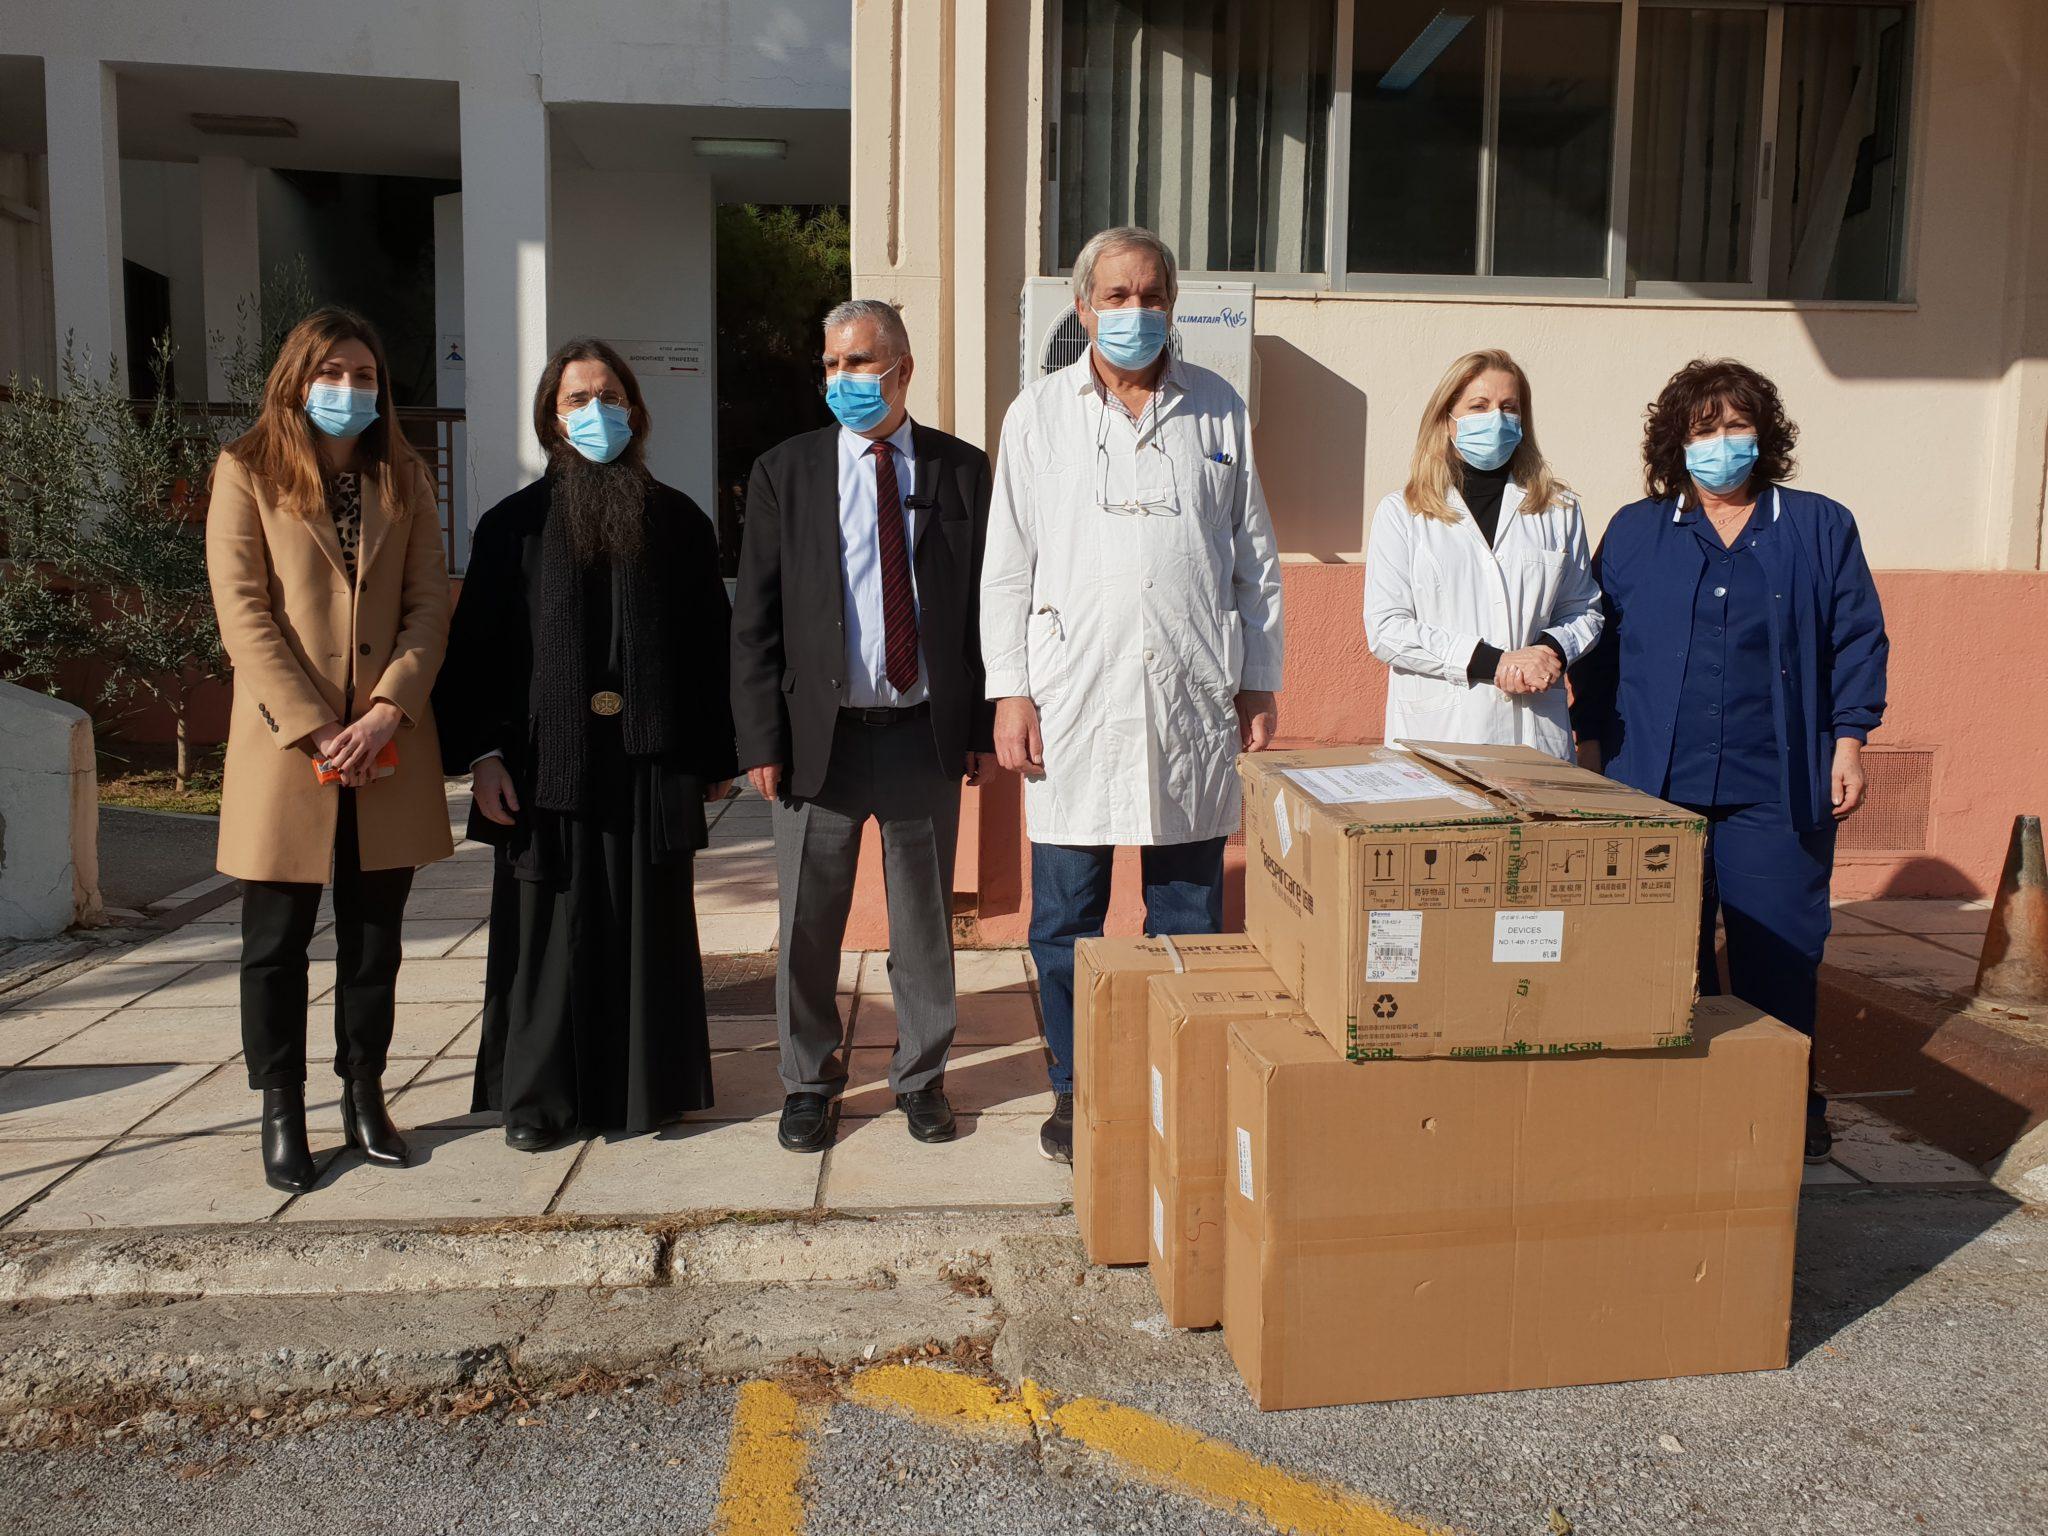 Εξειδικευμένα μηχανήματα στα νοσοκομεία της πόλης από την Ι.Μ. Αγίας Θεοδώρας Θεσσαλονίκης